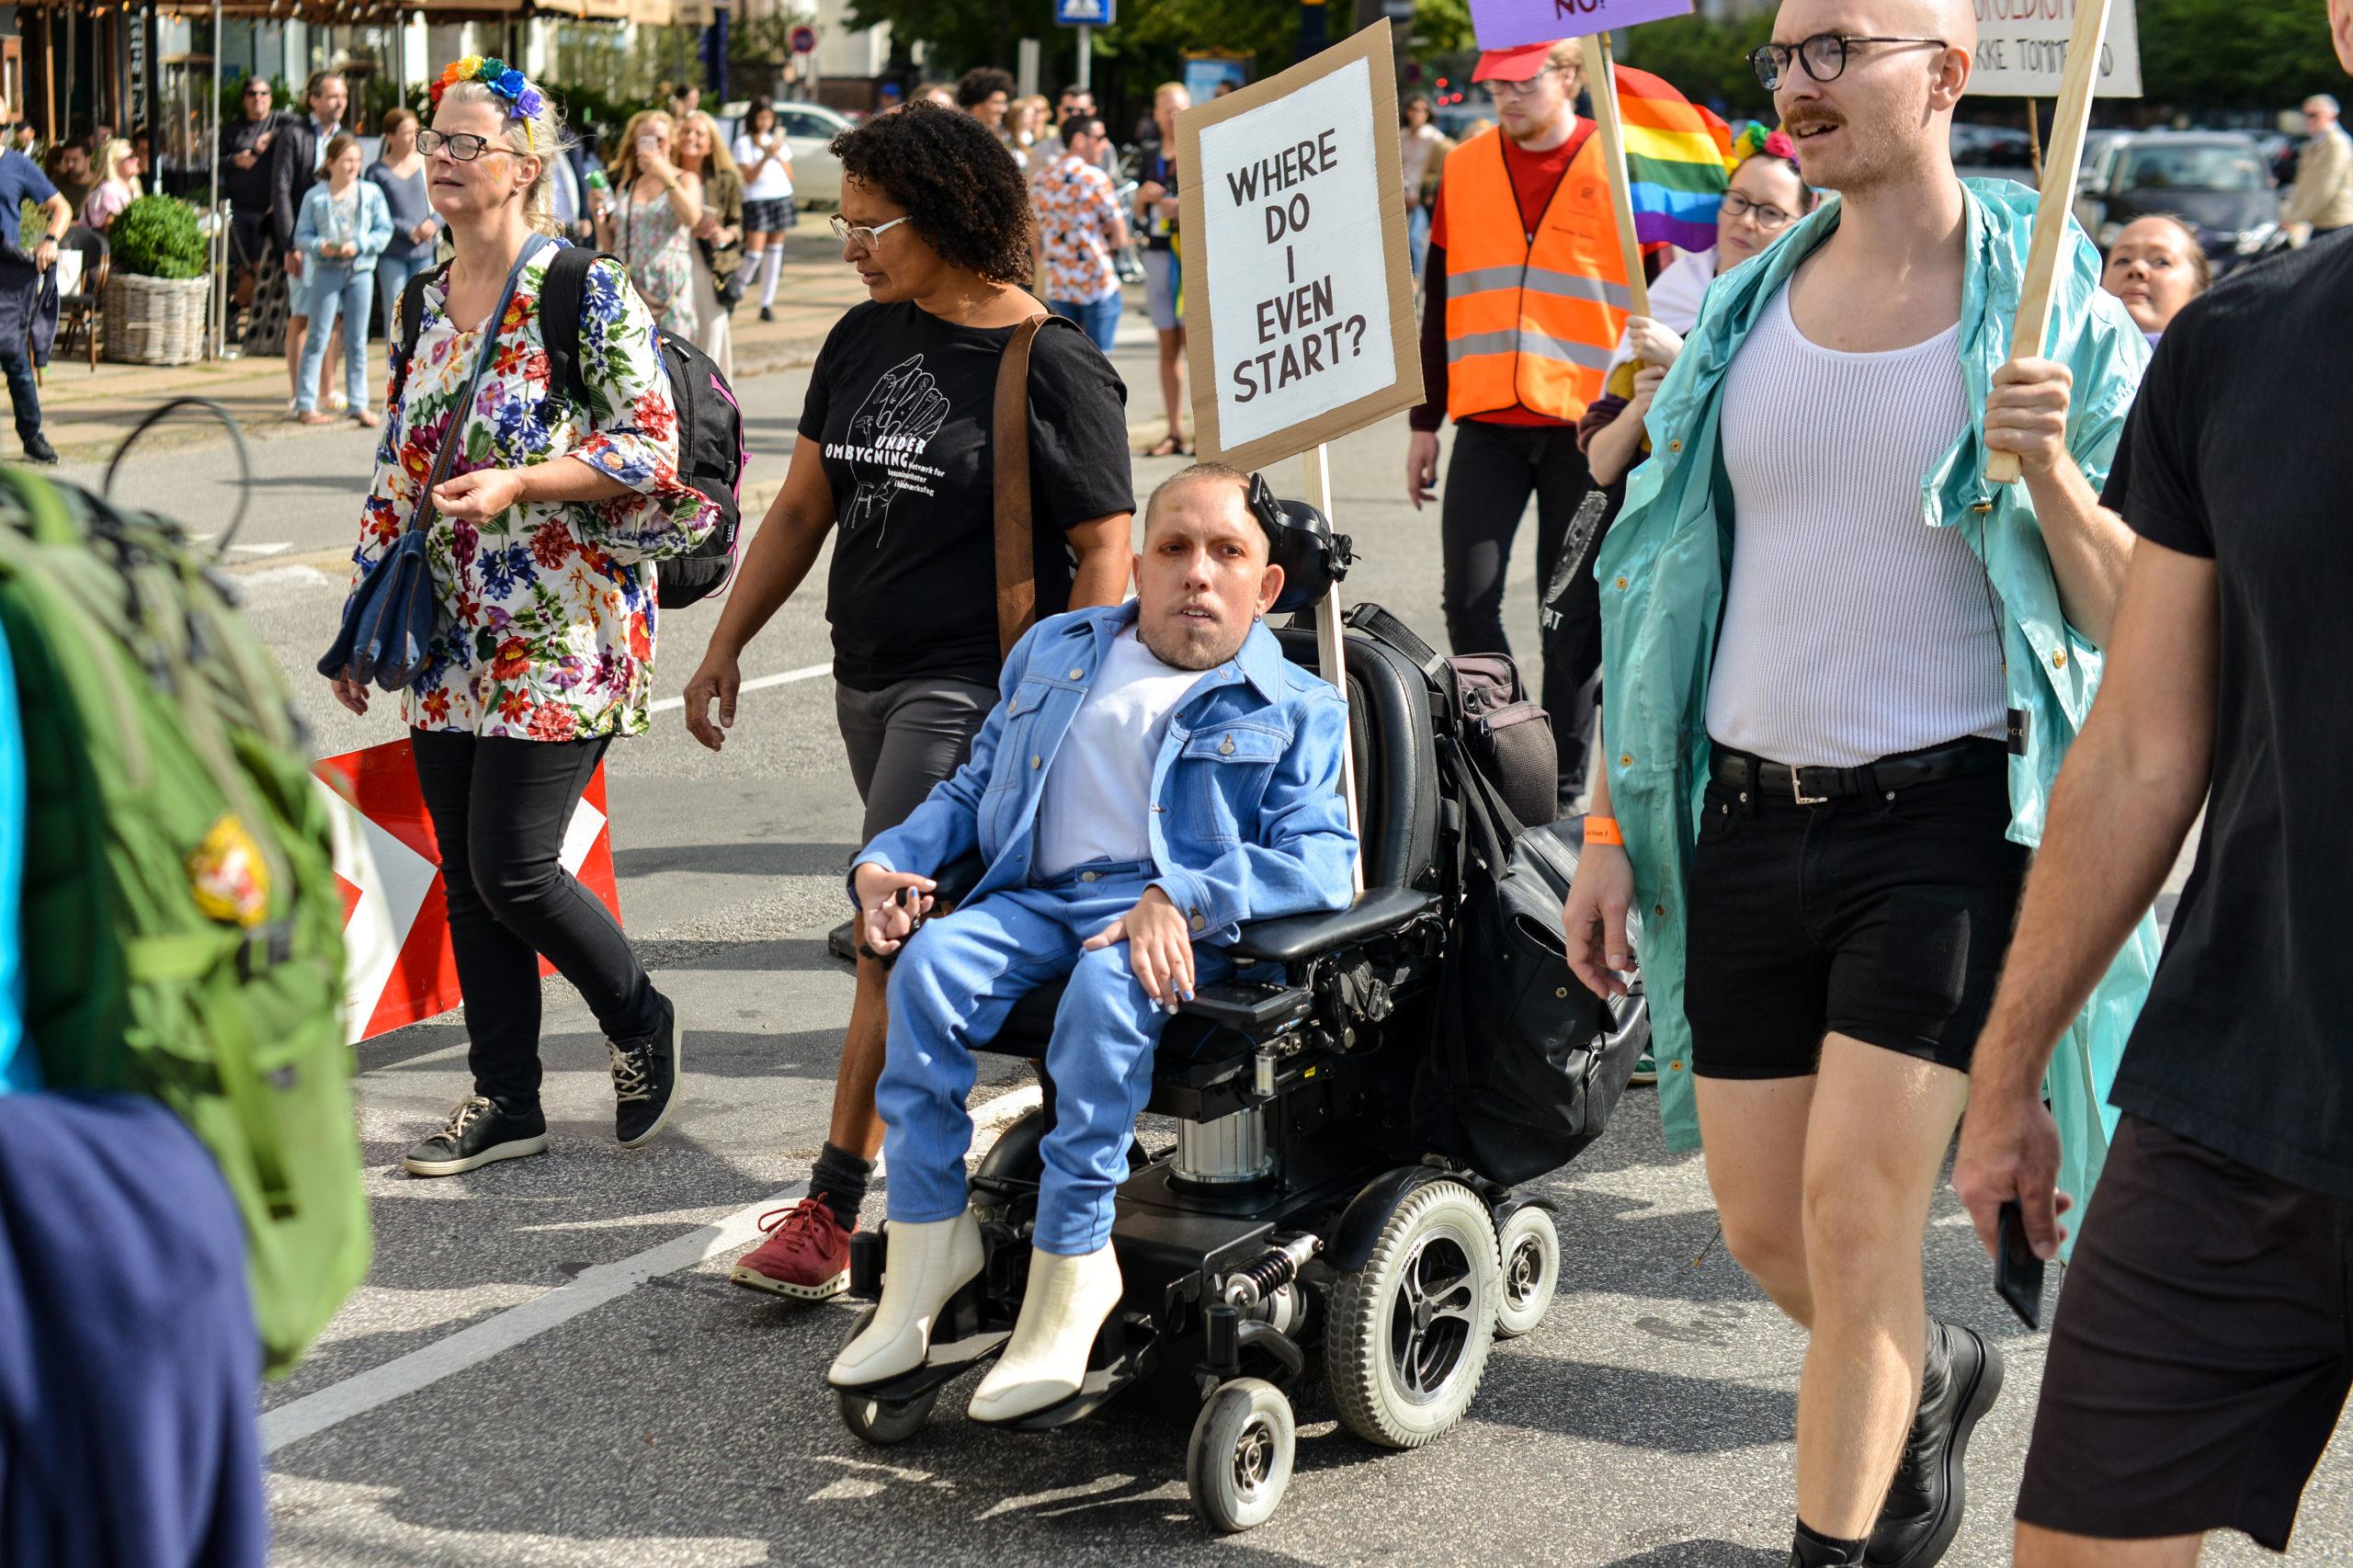 """Pridedeltager i kørestol med skilt, hvor på der står skrevet """"Where do I even start?"""""""